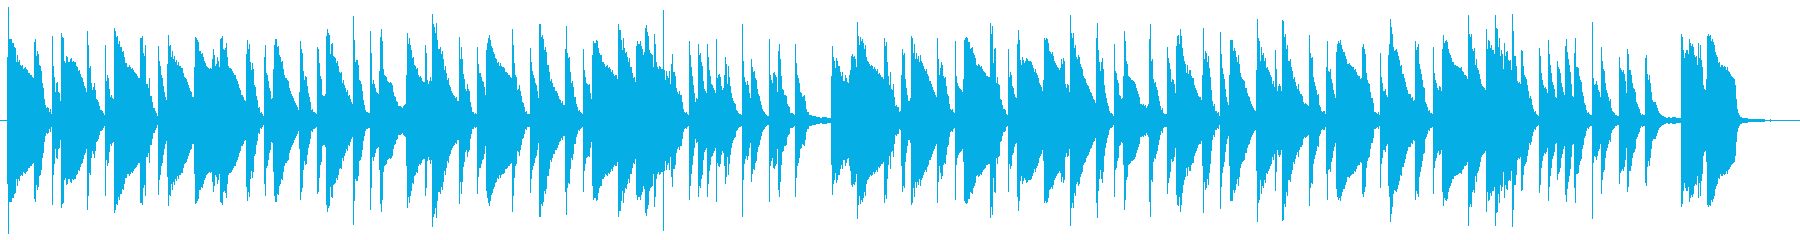 ギャグ・日常・コメディ・ほのぼのBGMの再生済みの波形